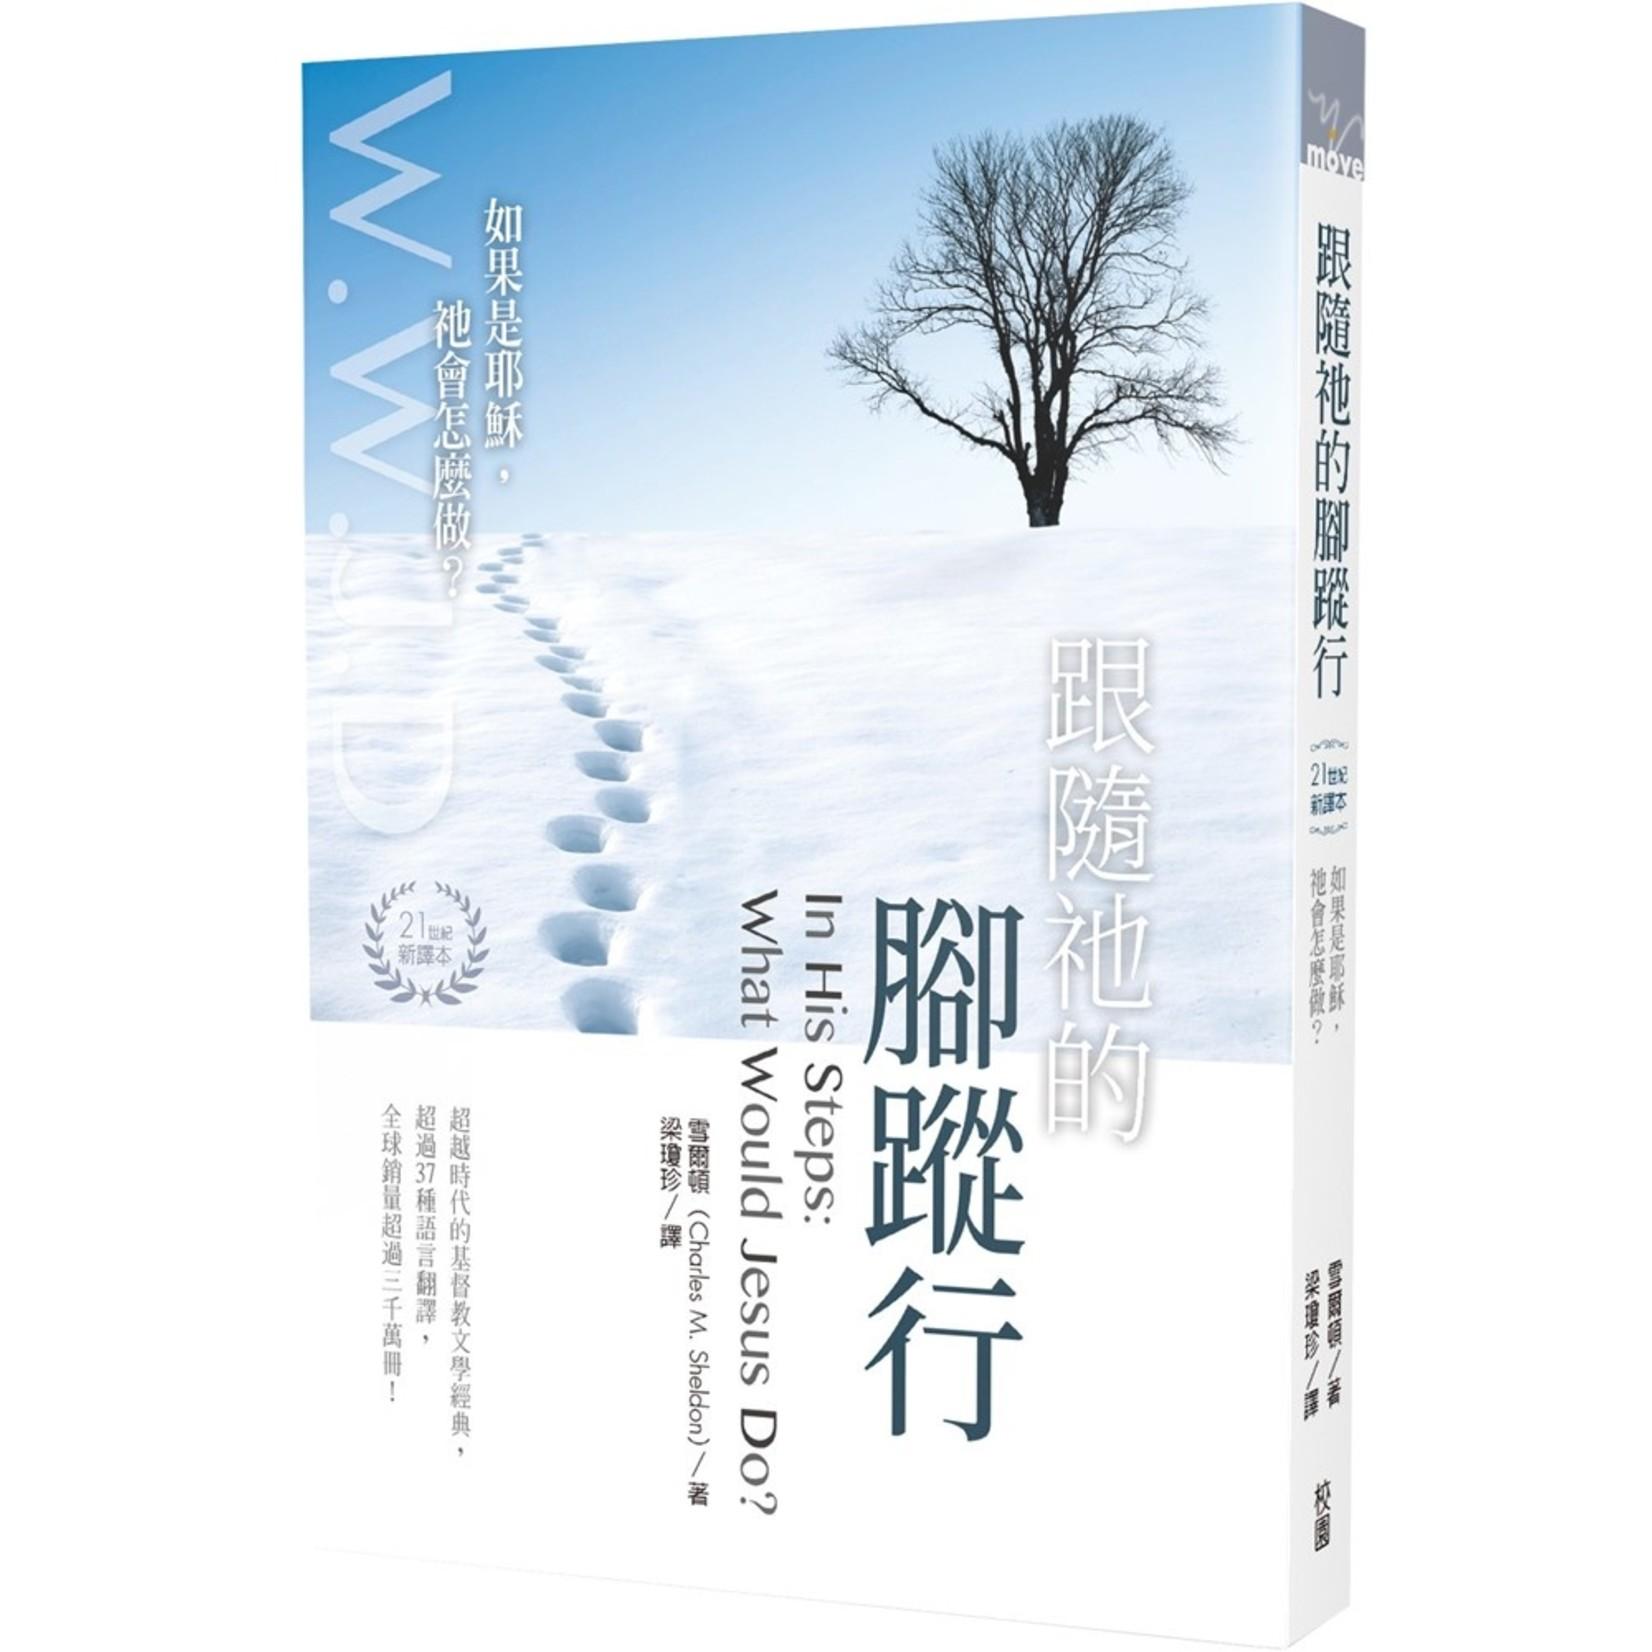 校園書房 Campus Books 跟隨祂的腳蹤行(21世紀新譯本):如果是耶穌,祂會怎麼做? In His Steps : What Would Jesus Do?